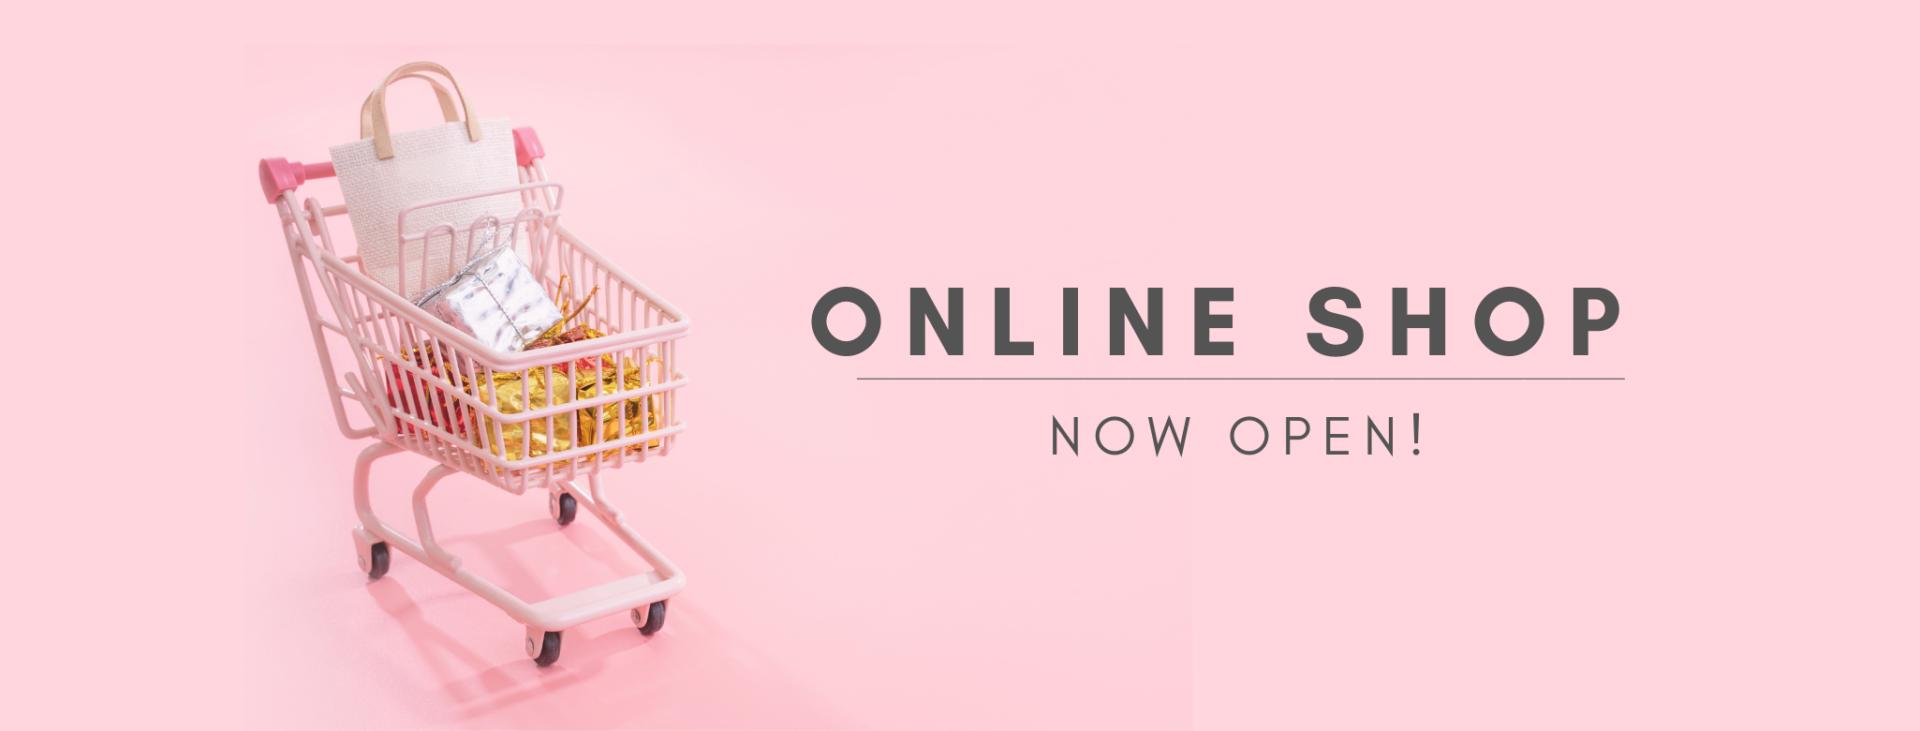 online shop banner 2.0